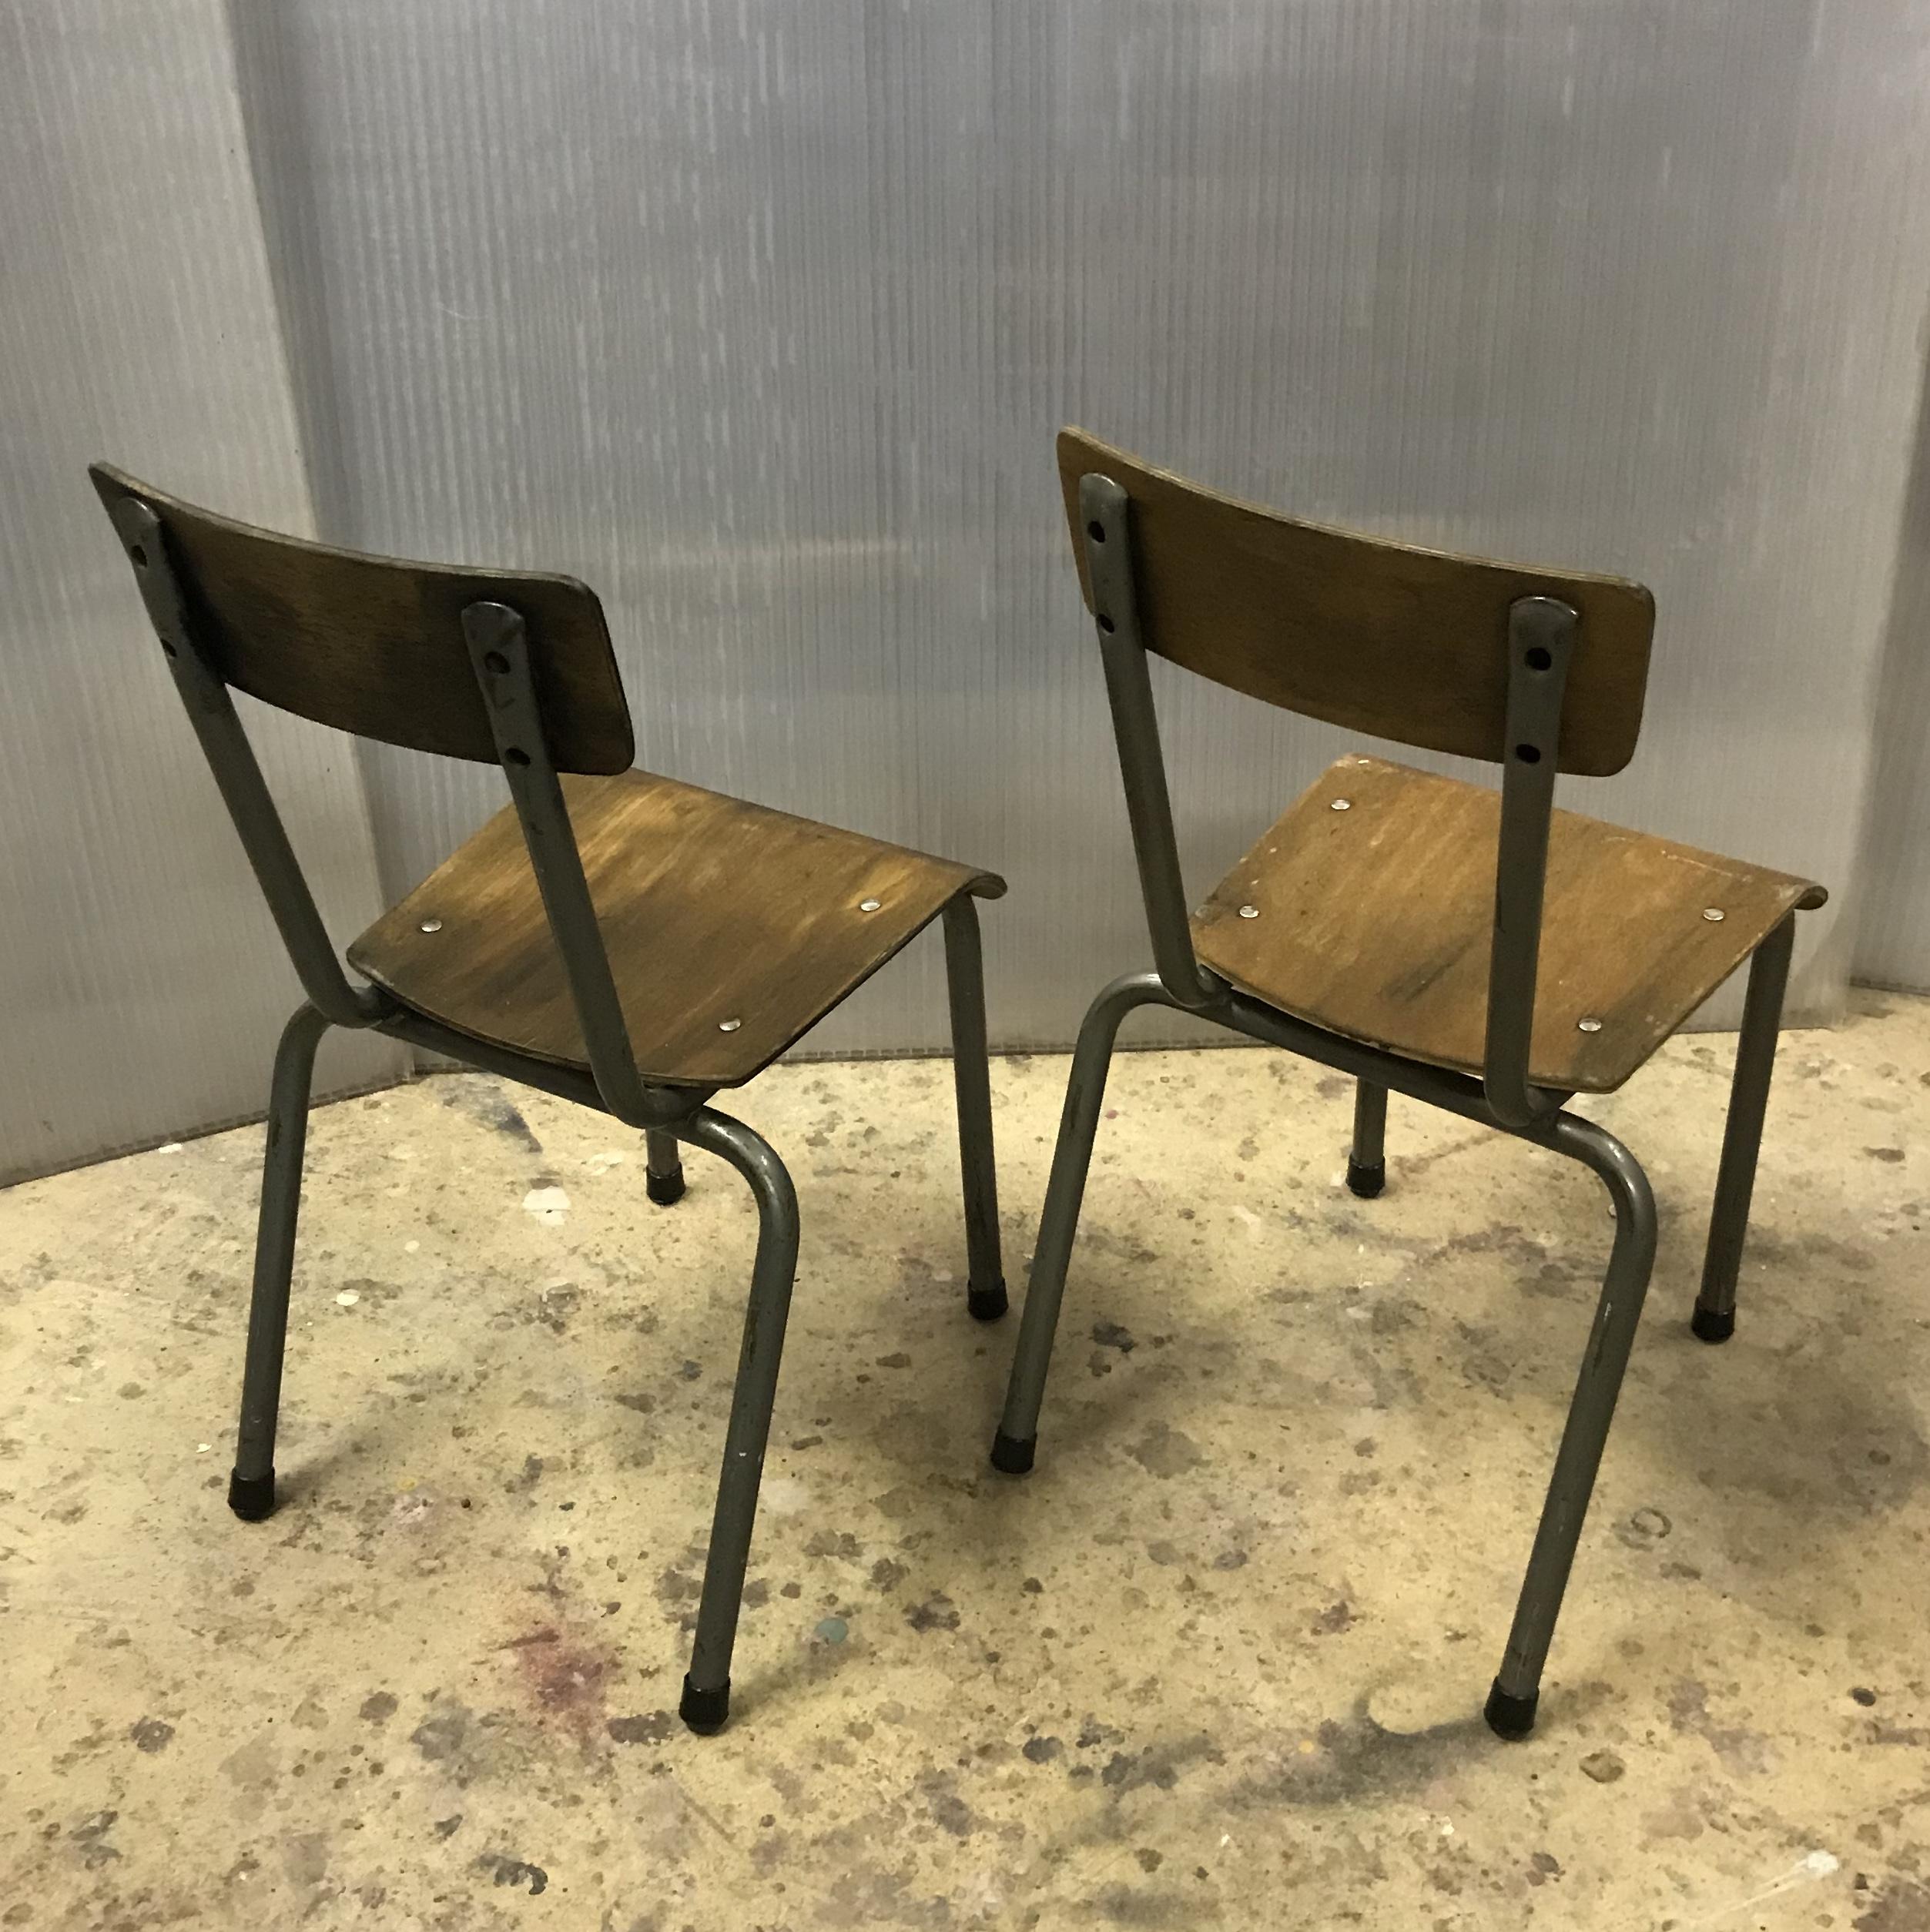 Chaise d 39 ecole enfant meubles industriel anna colore industriale - Chaise industrielle tolix ...